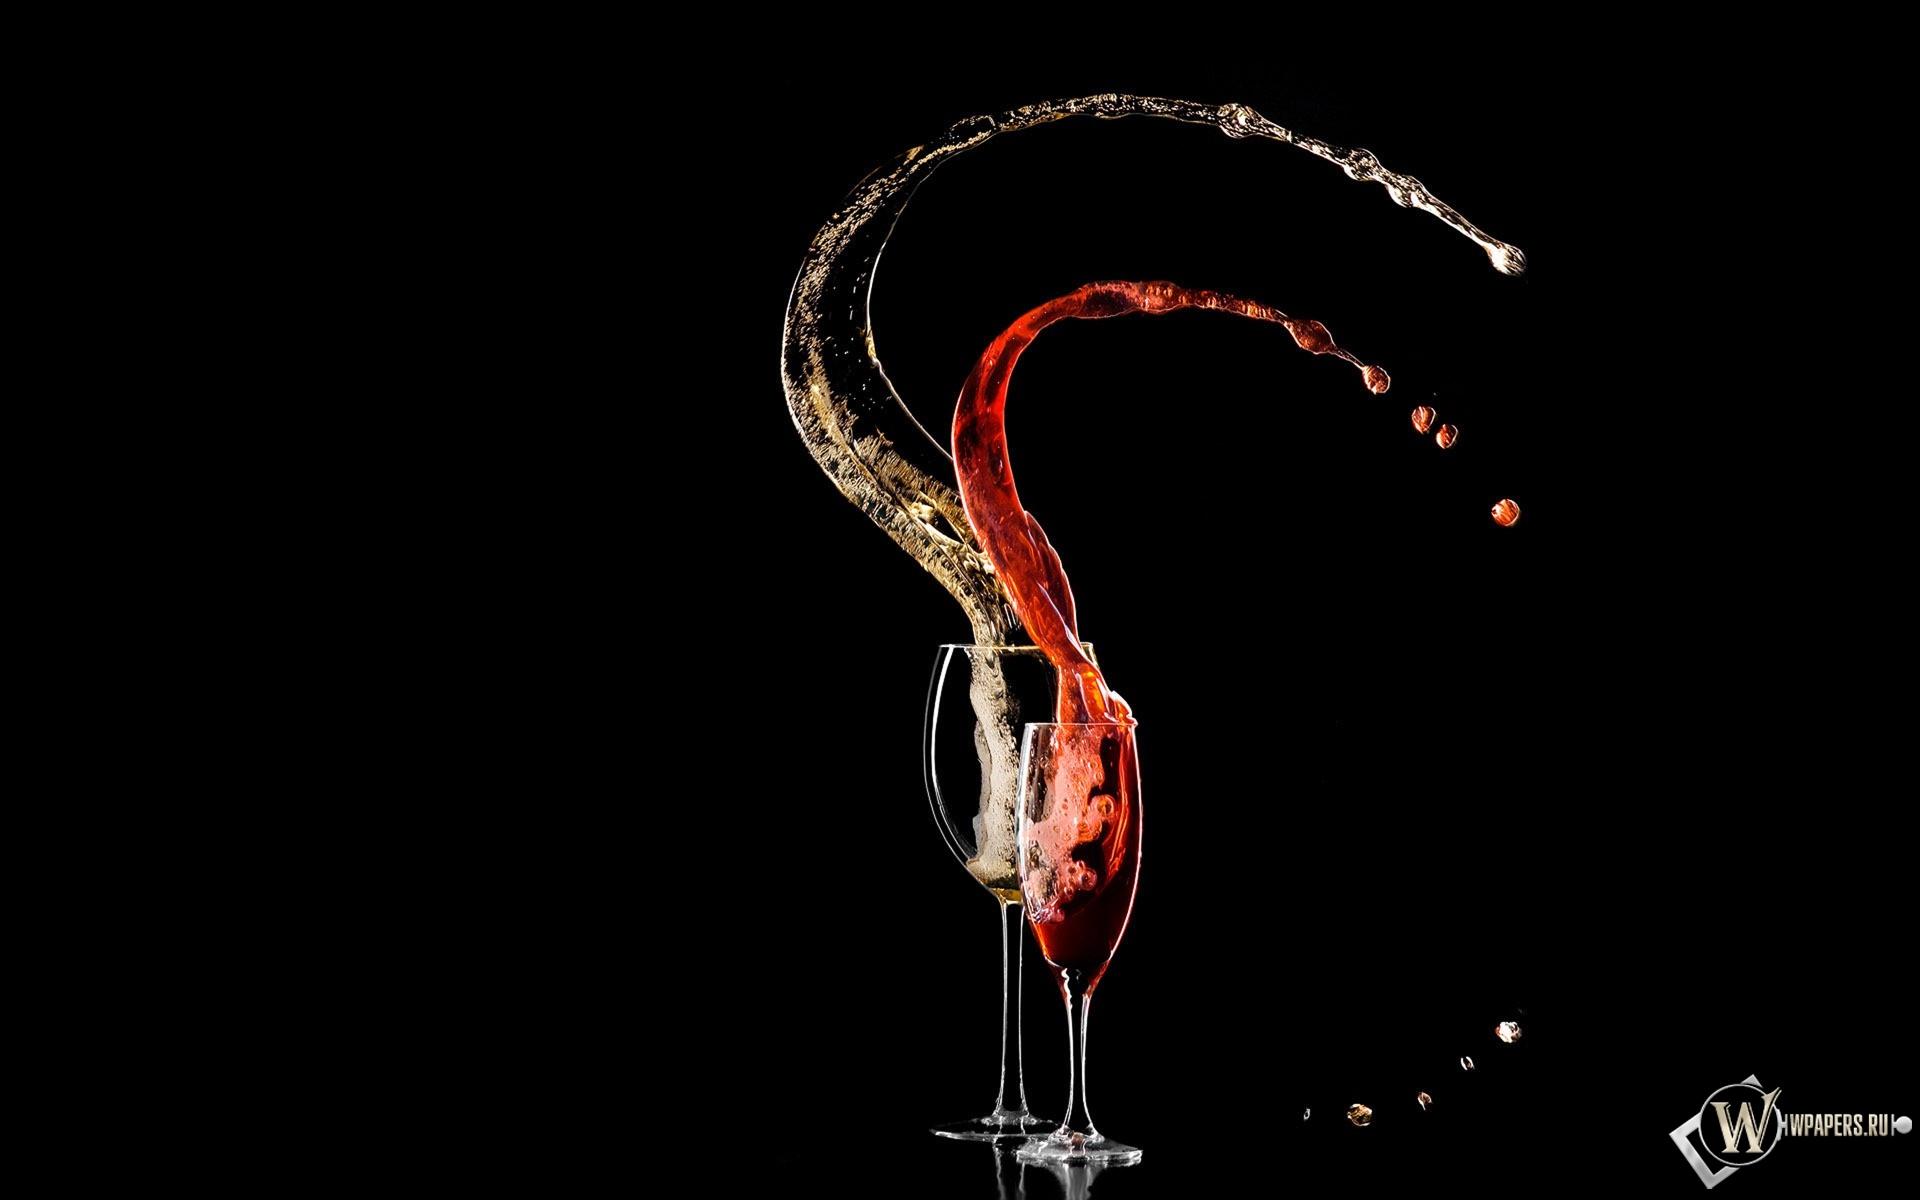 Вино в бокалах 1920x1200